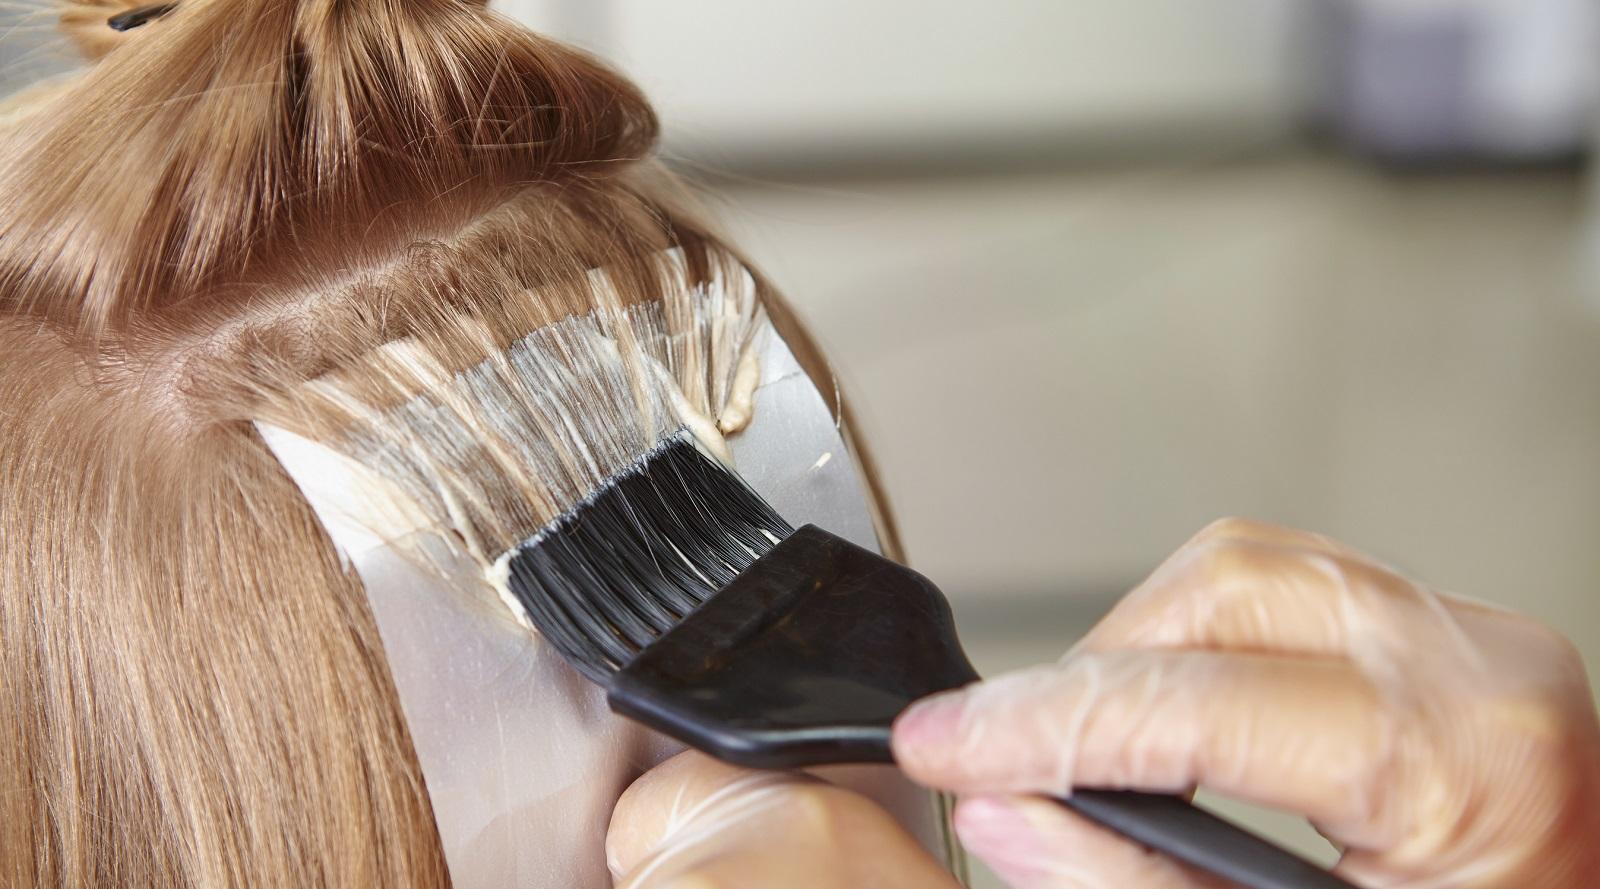 Как и чем правильно осветлить волосы в домашних условиях